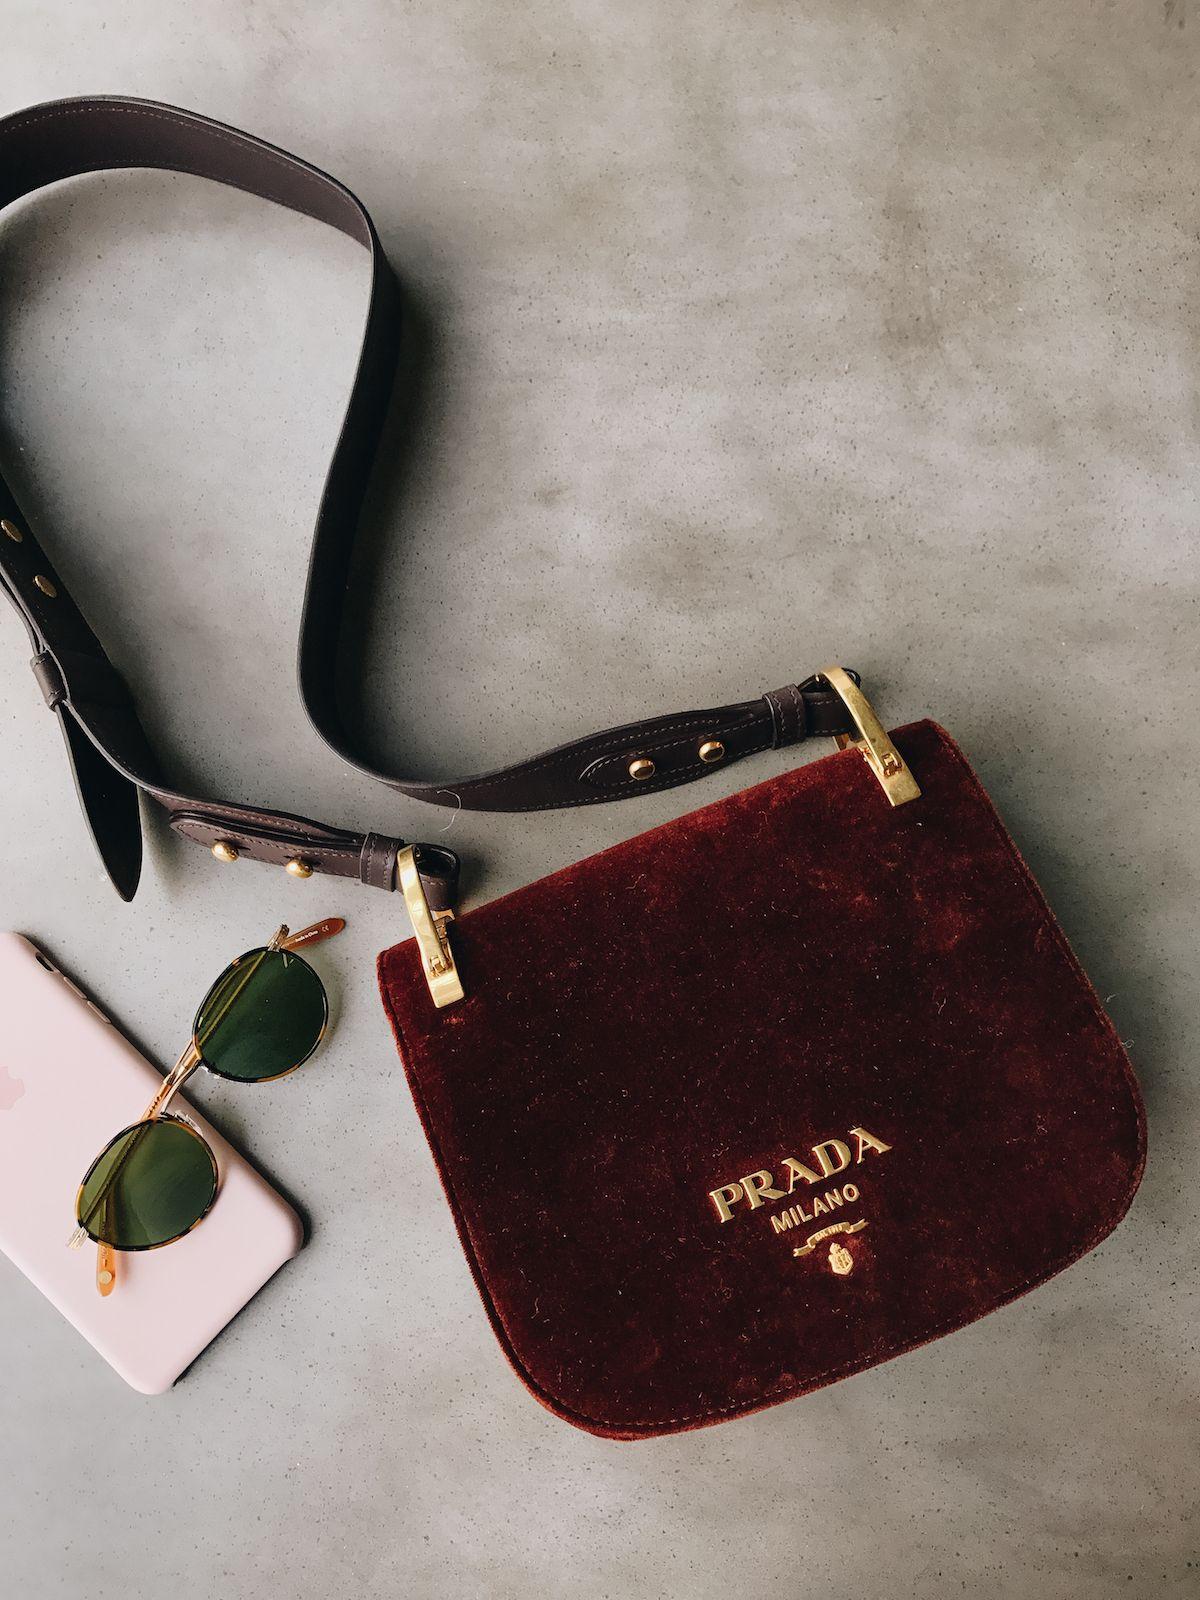 Trifft das hier dein Geschmack? Dann wirst du die unglaublichen Angebote auf dieser Seite lieben: www.nybb.de #fashion #mode #frauenmode #bag